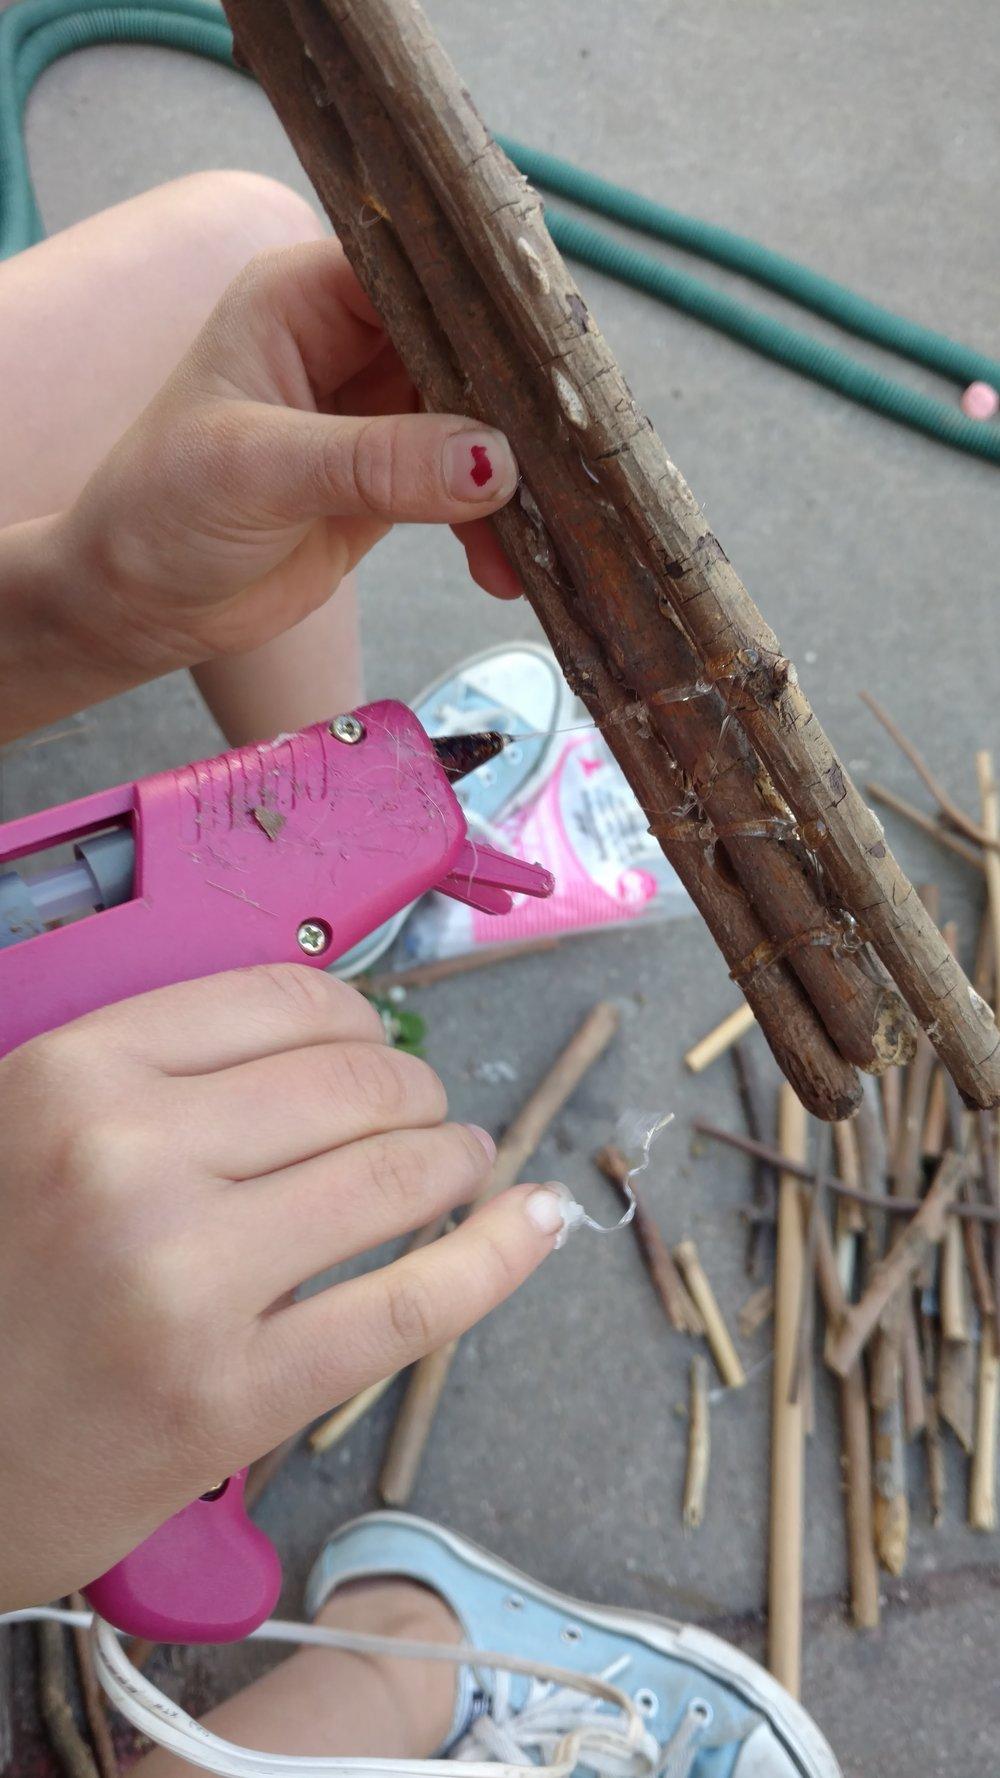 Hot glue gun and sticks.